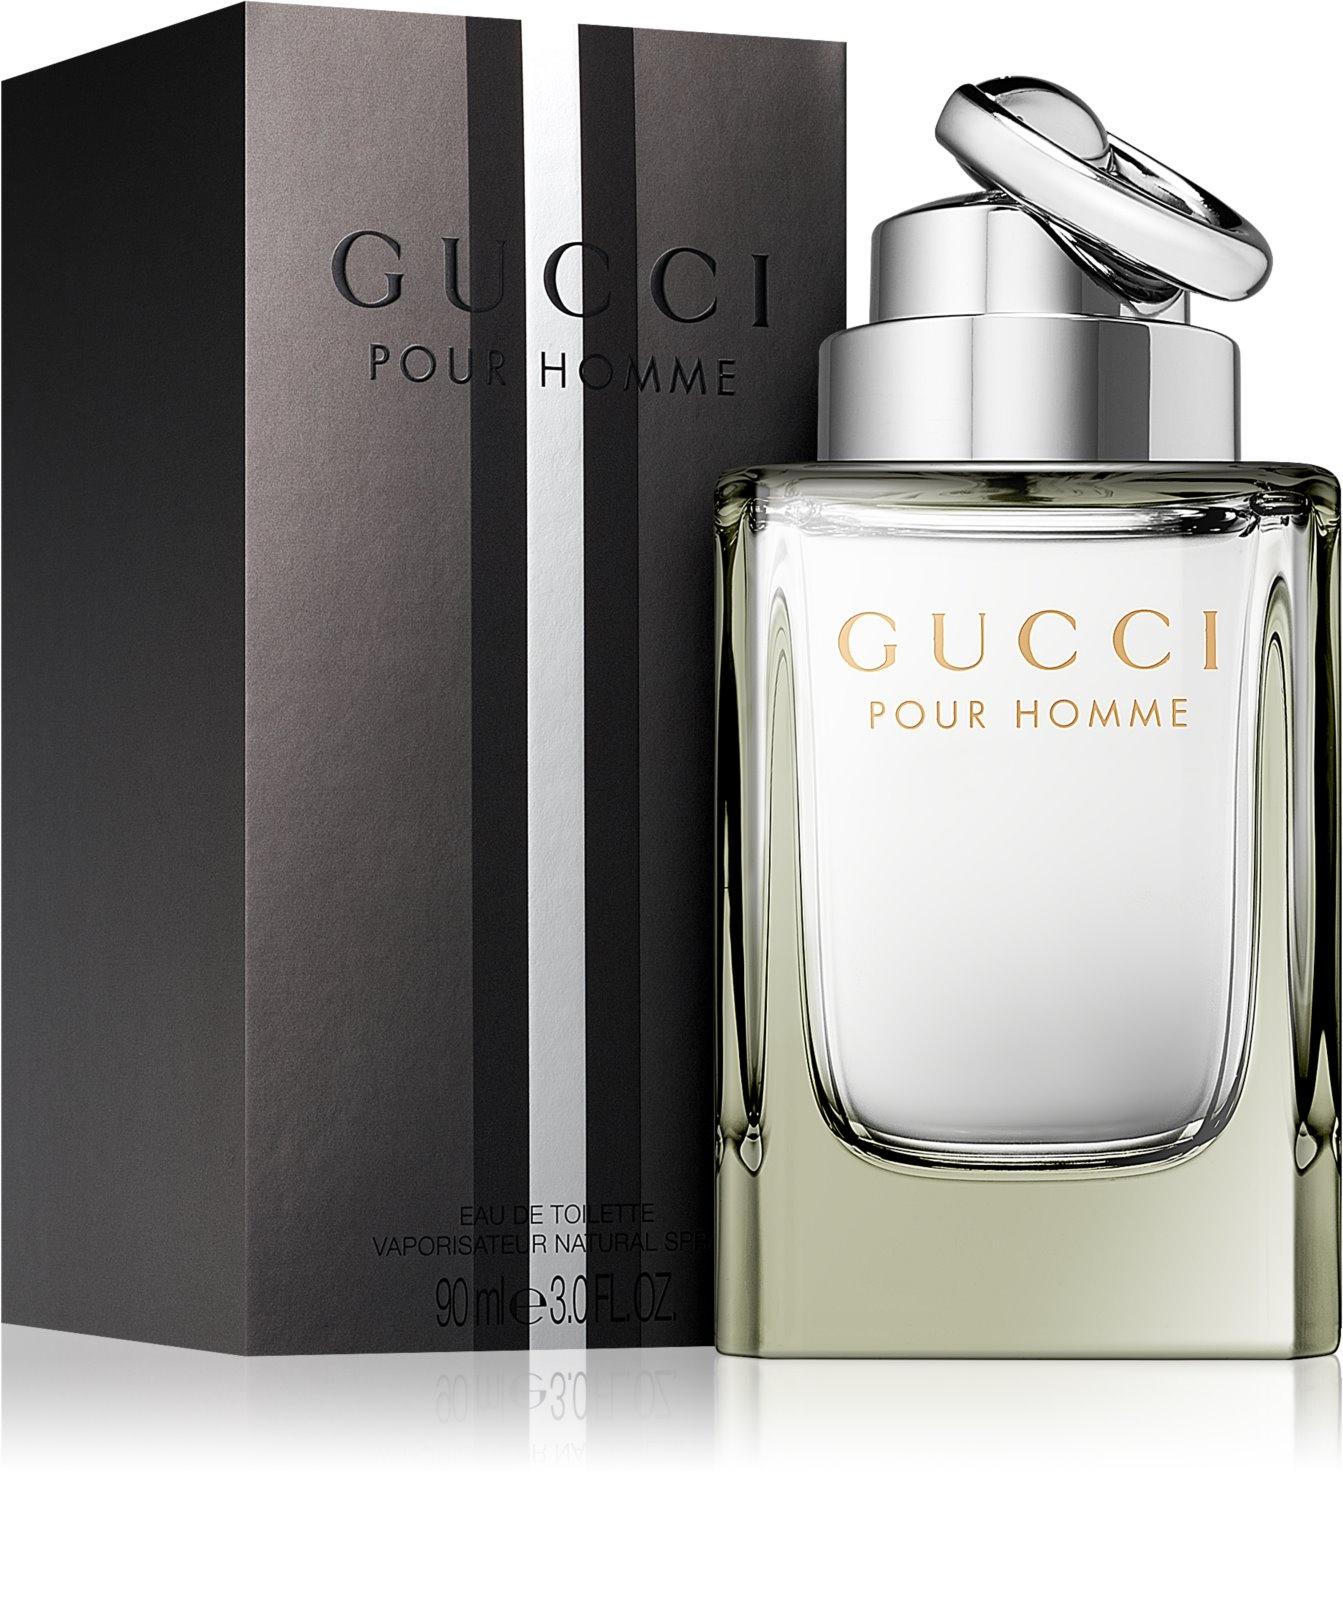 GUCCI By Gucci Pour Homme toaletní voda 90 ml + výdejní místa po celé ČR